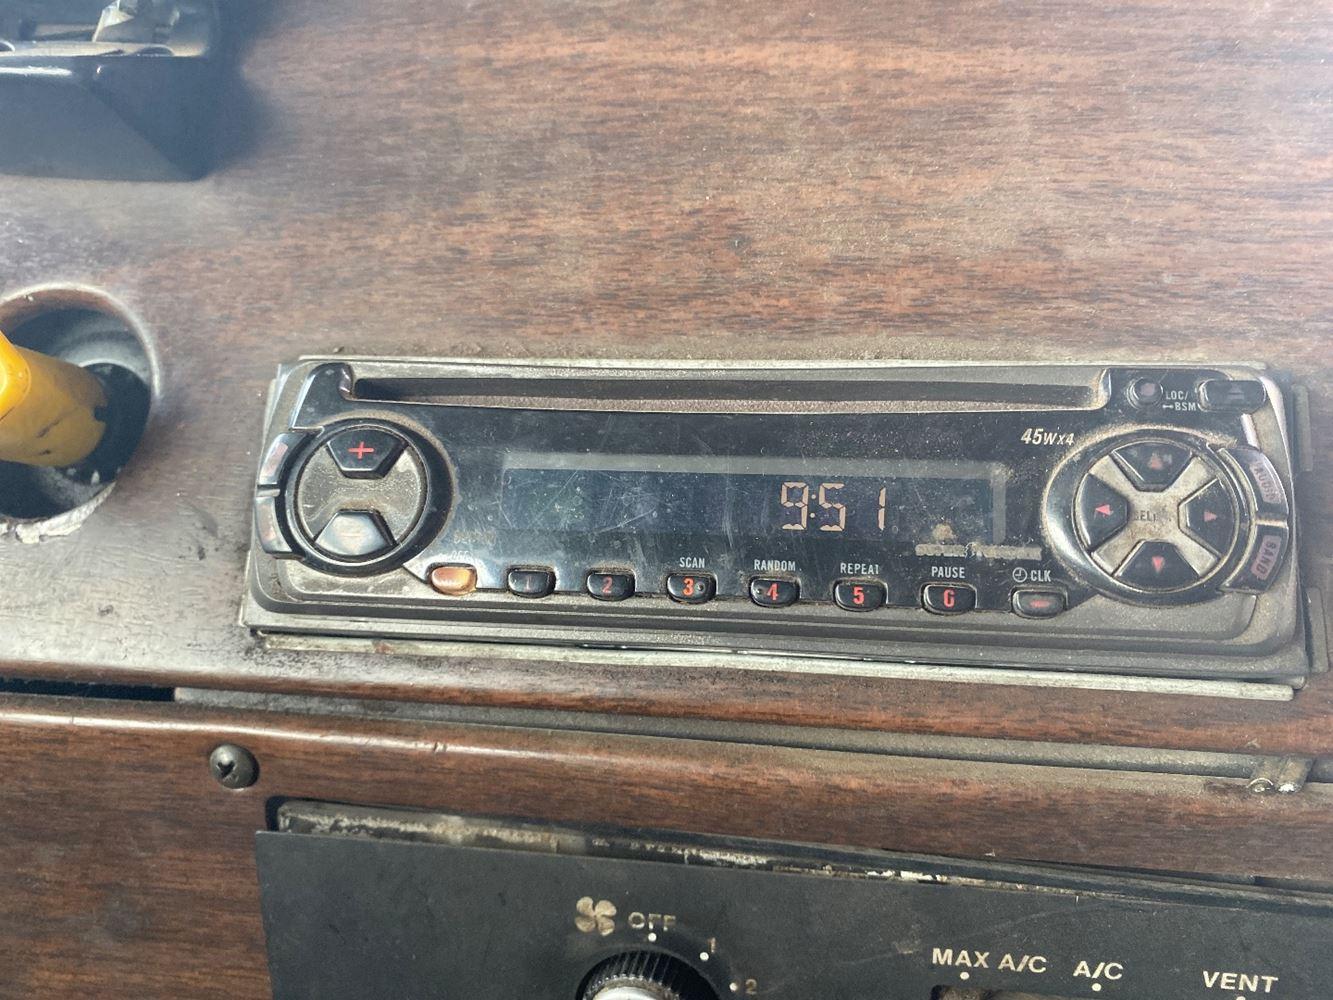 1990 FREIGHTLINER FLD120 RADIO TRUCK PARTS #719874